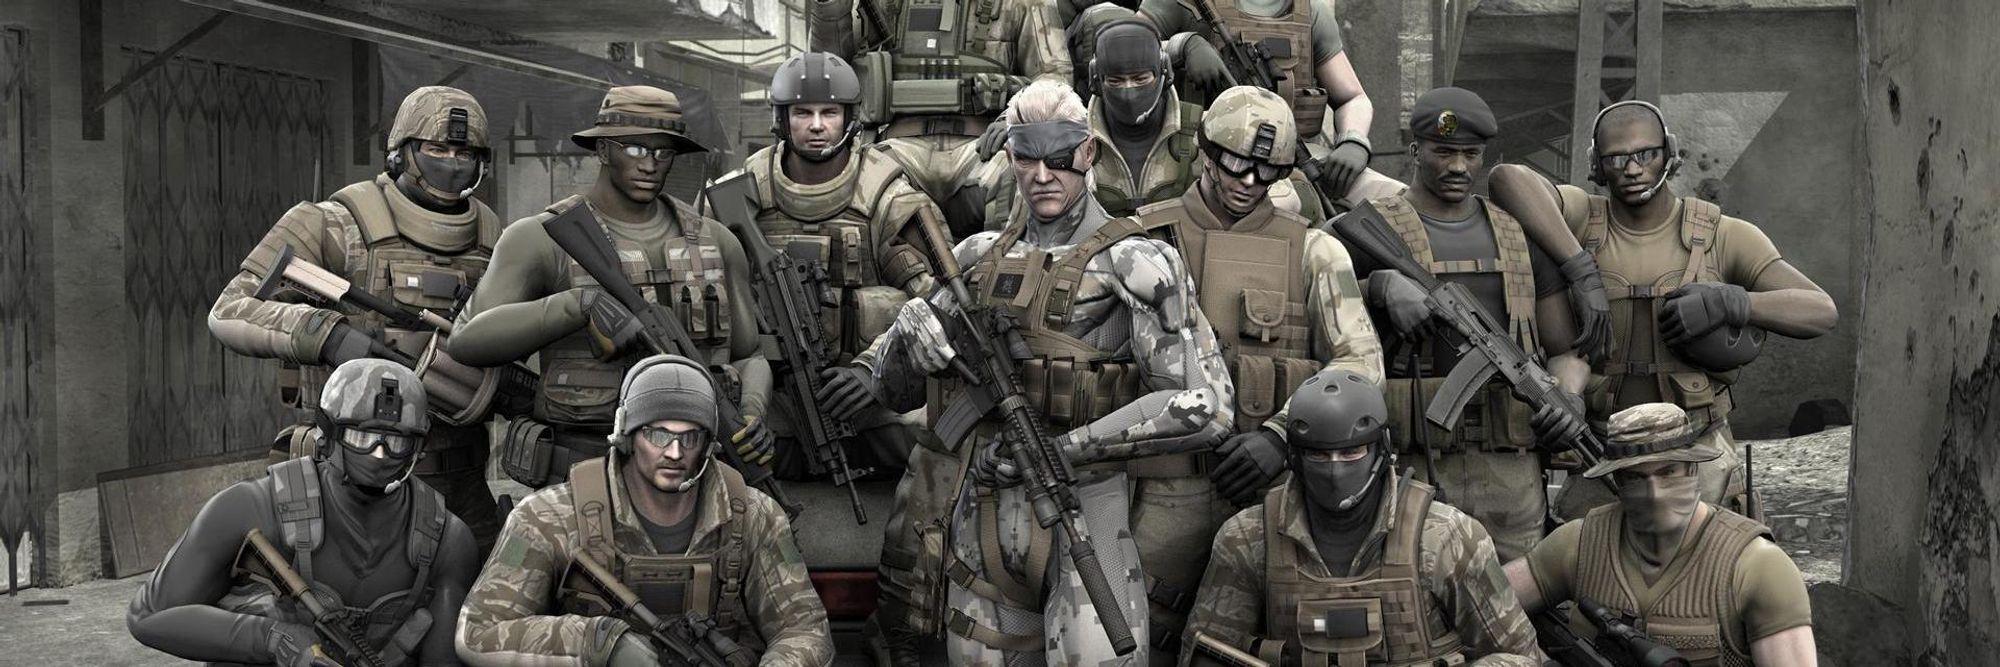 Les Nytt Metal Gear Online blir avslørt neste veke